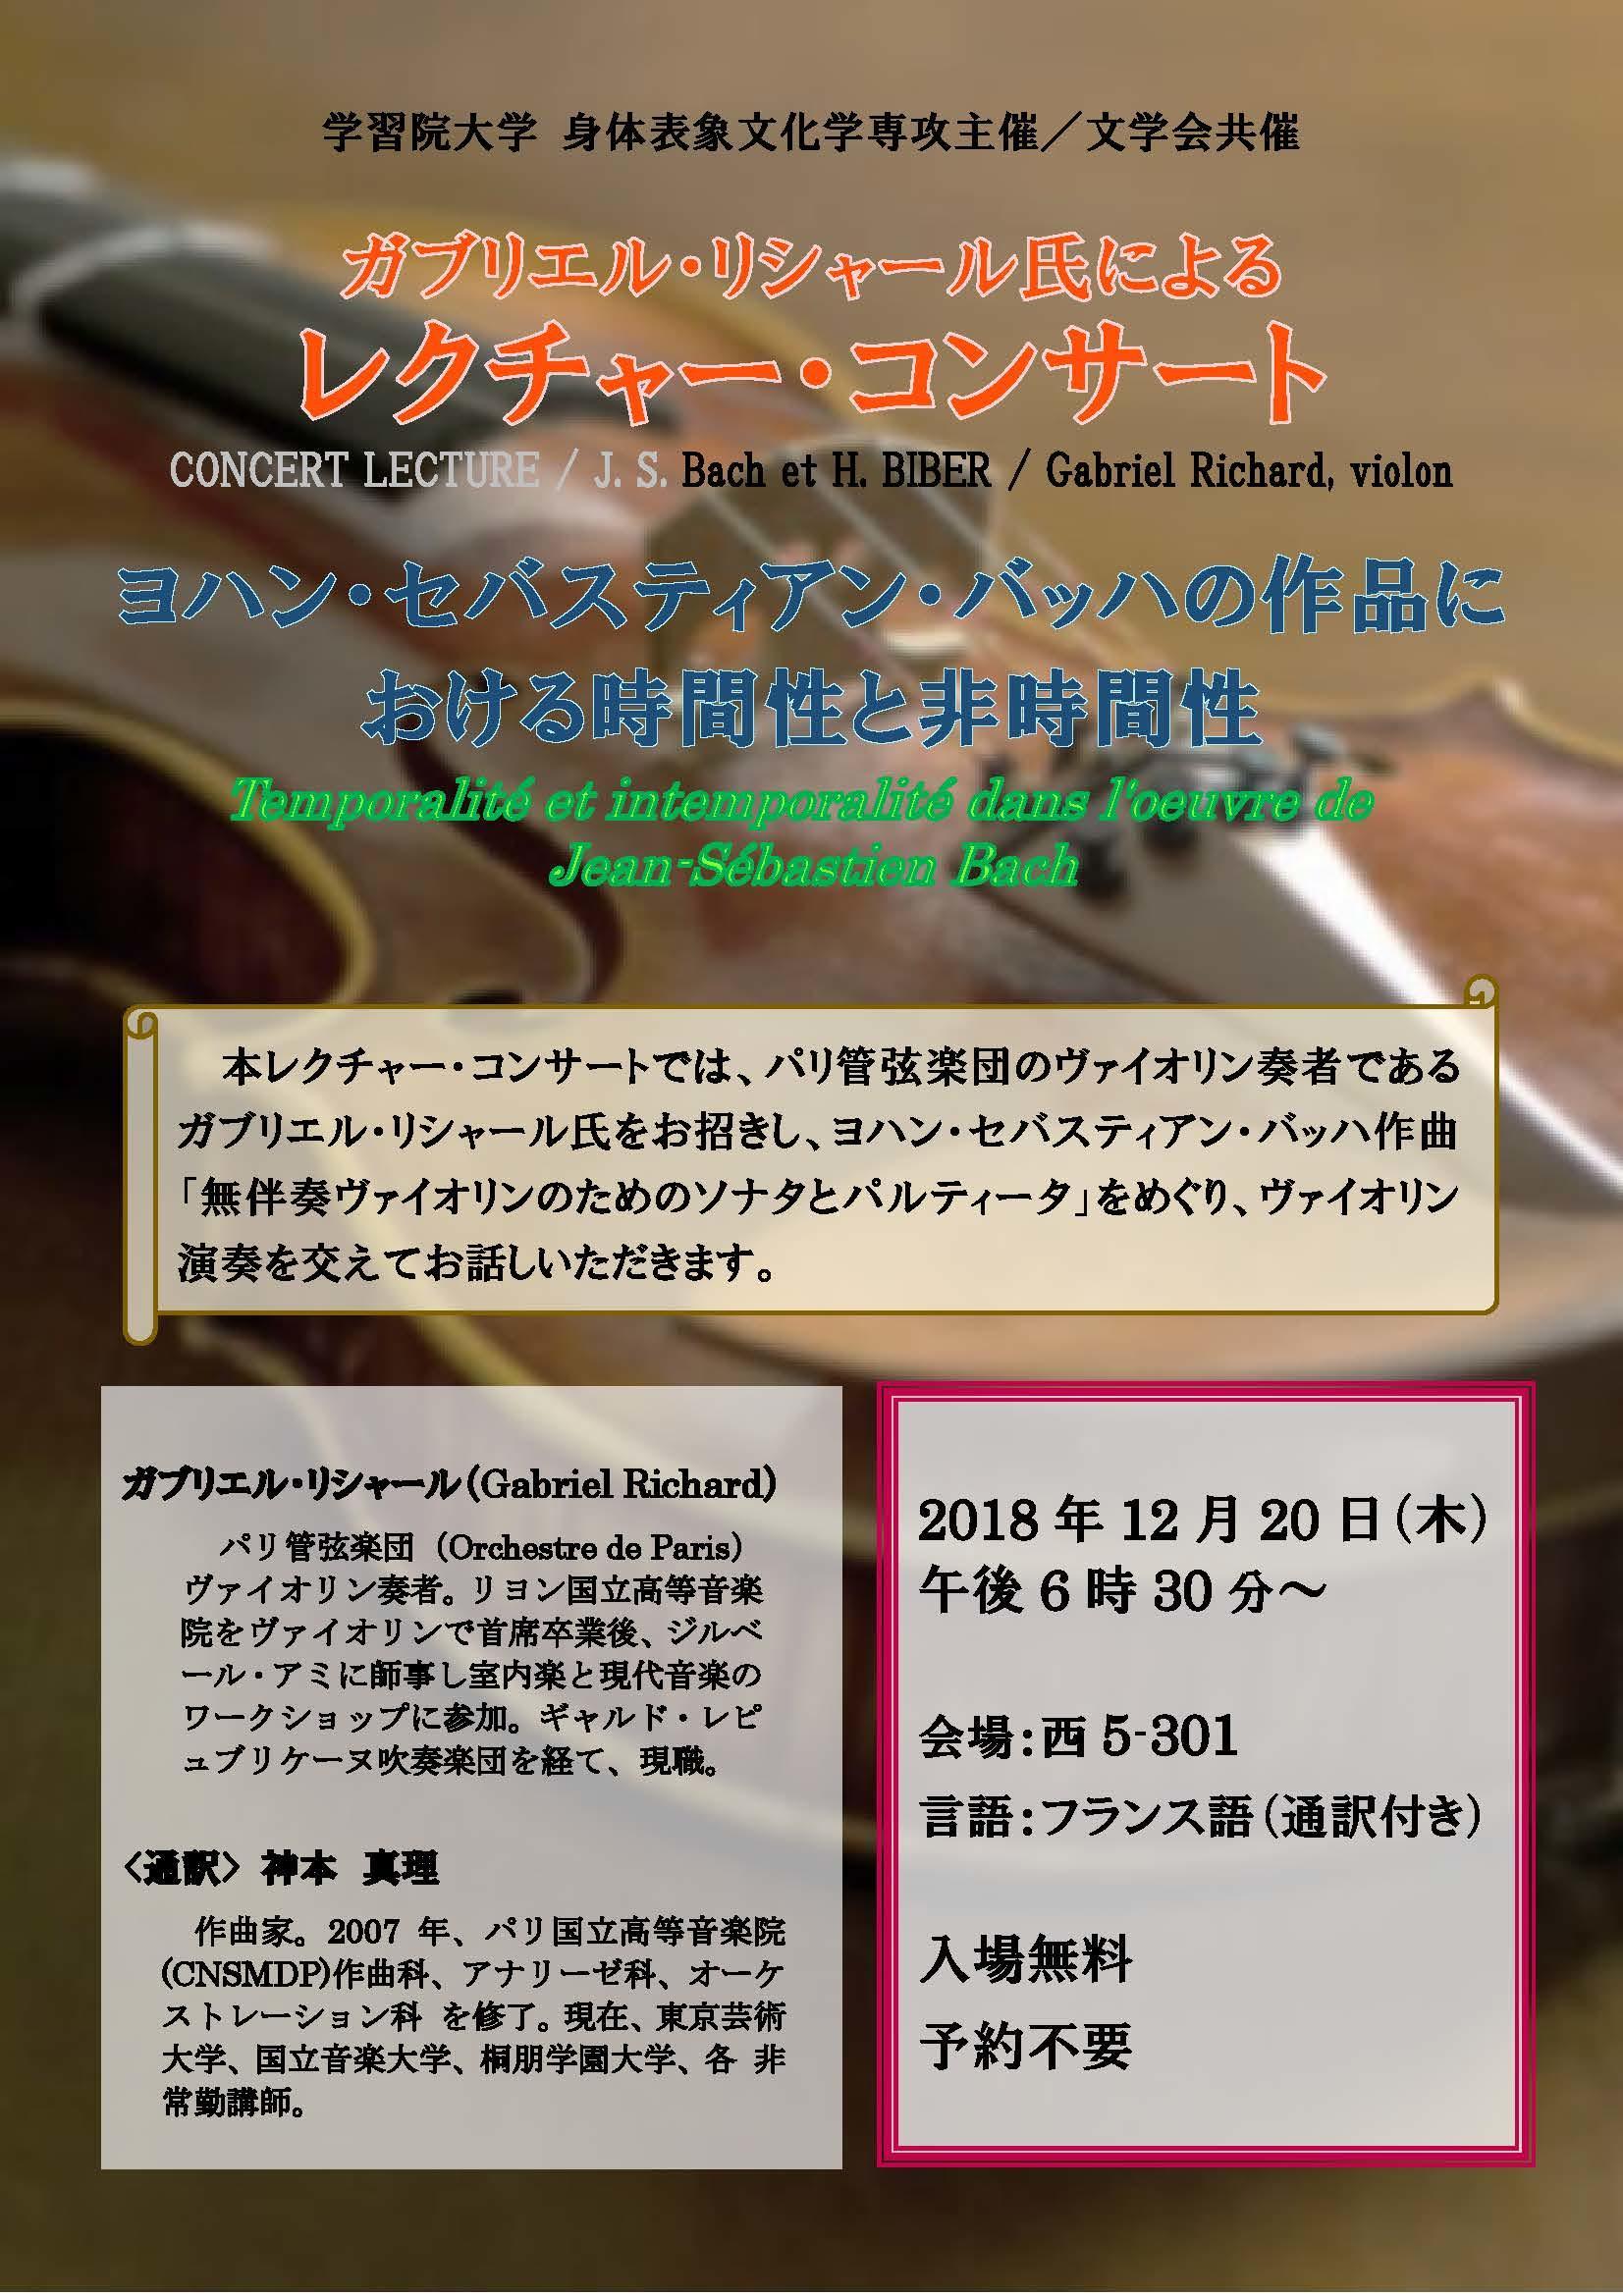 学習院大学が12月20日にレクチャー・コンサート「ヨハン・セバスティアン・バッハの作品における時間性と非時間性」を開催